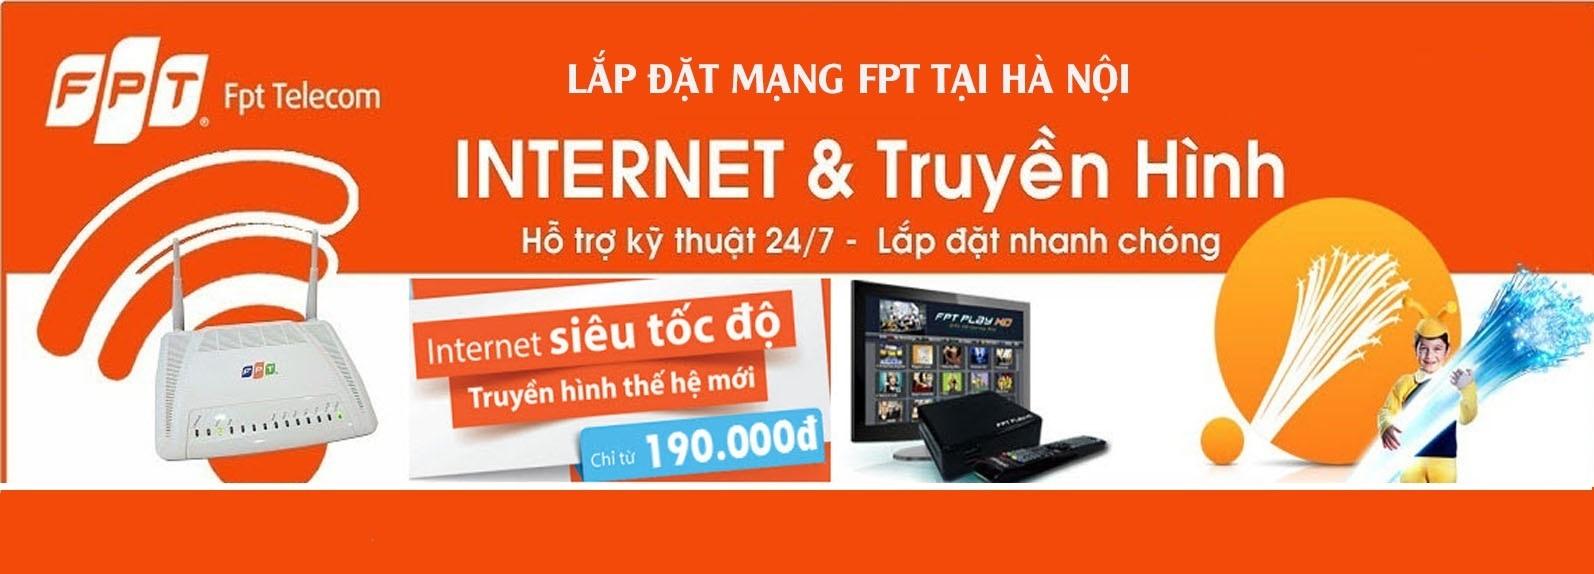 Đăng ký lắp mạng Internet Cáp Quang – Truyền Hình FPT.